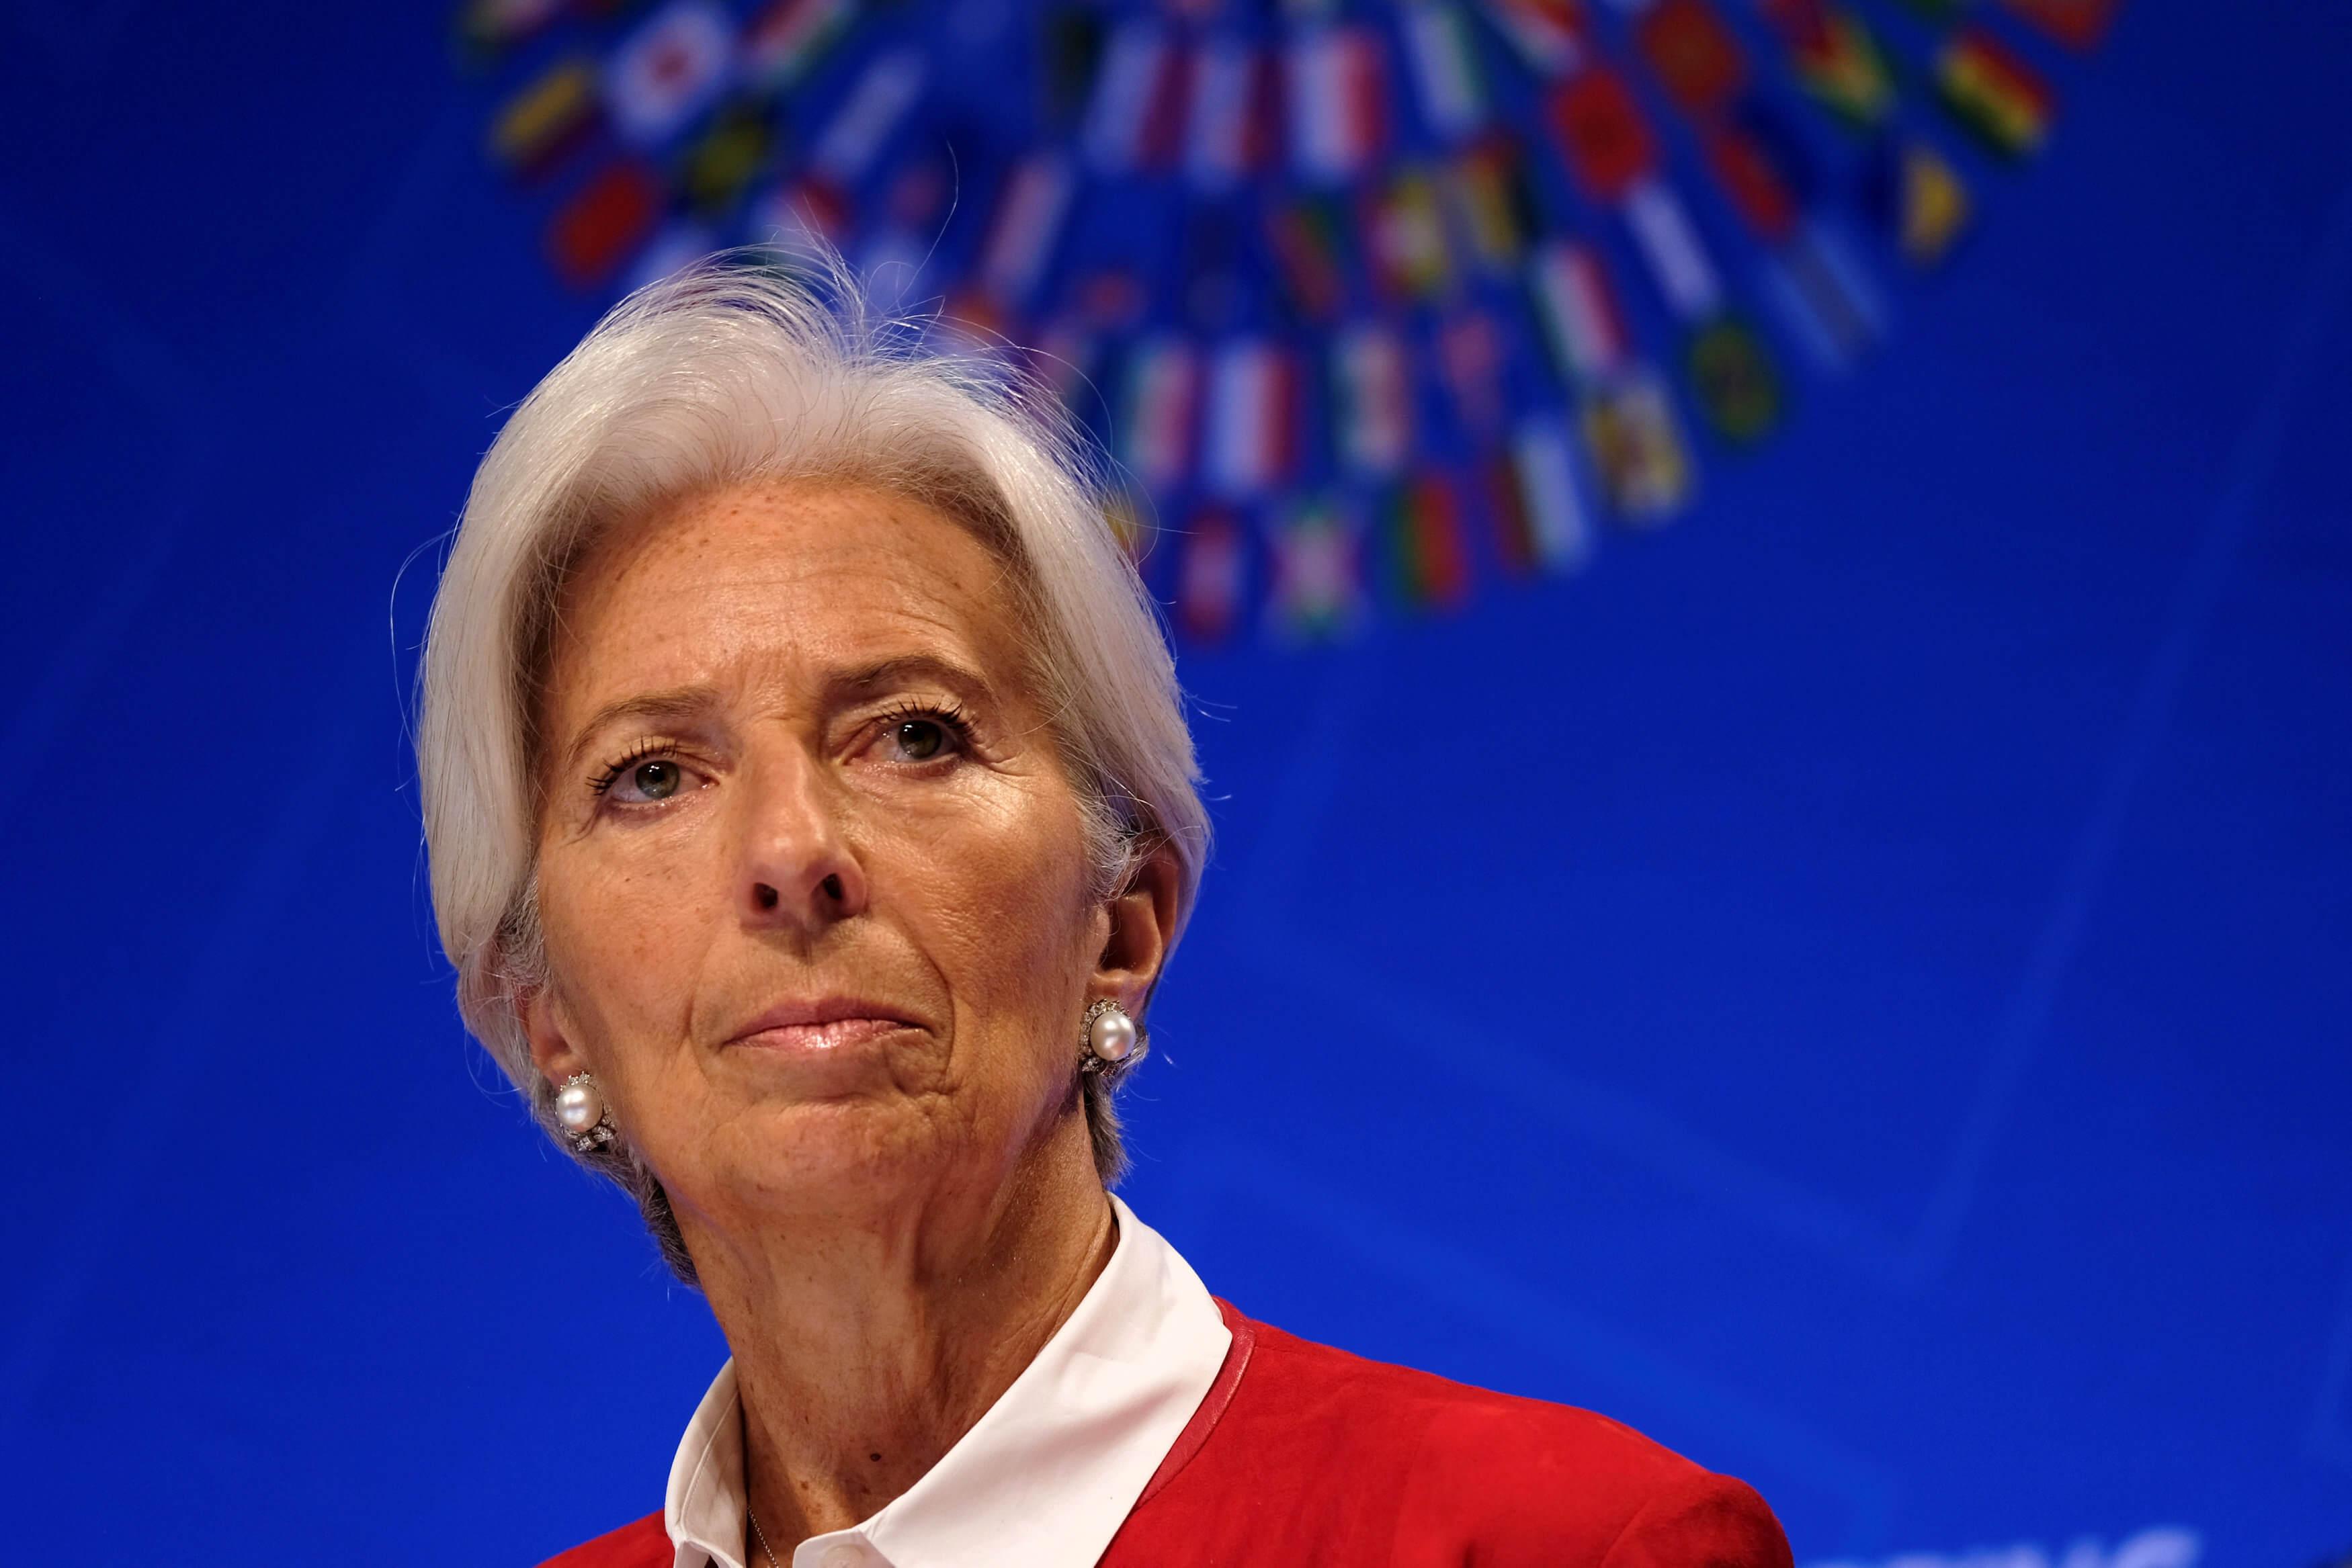 Παραιτήθηκε η Κριστίν Λαγκάρντ από το ΔΝΤ! - Ειδήσεις